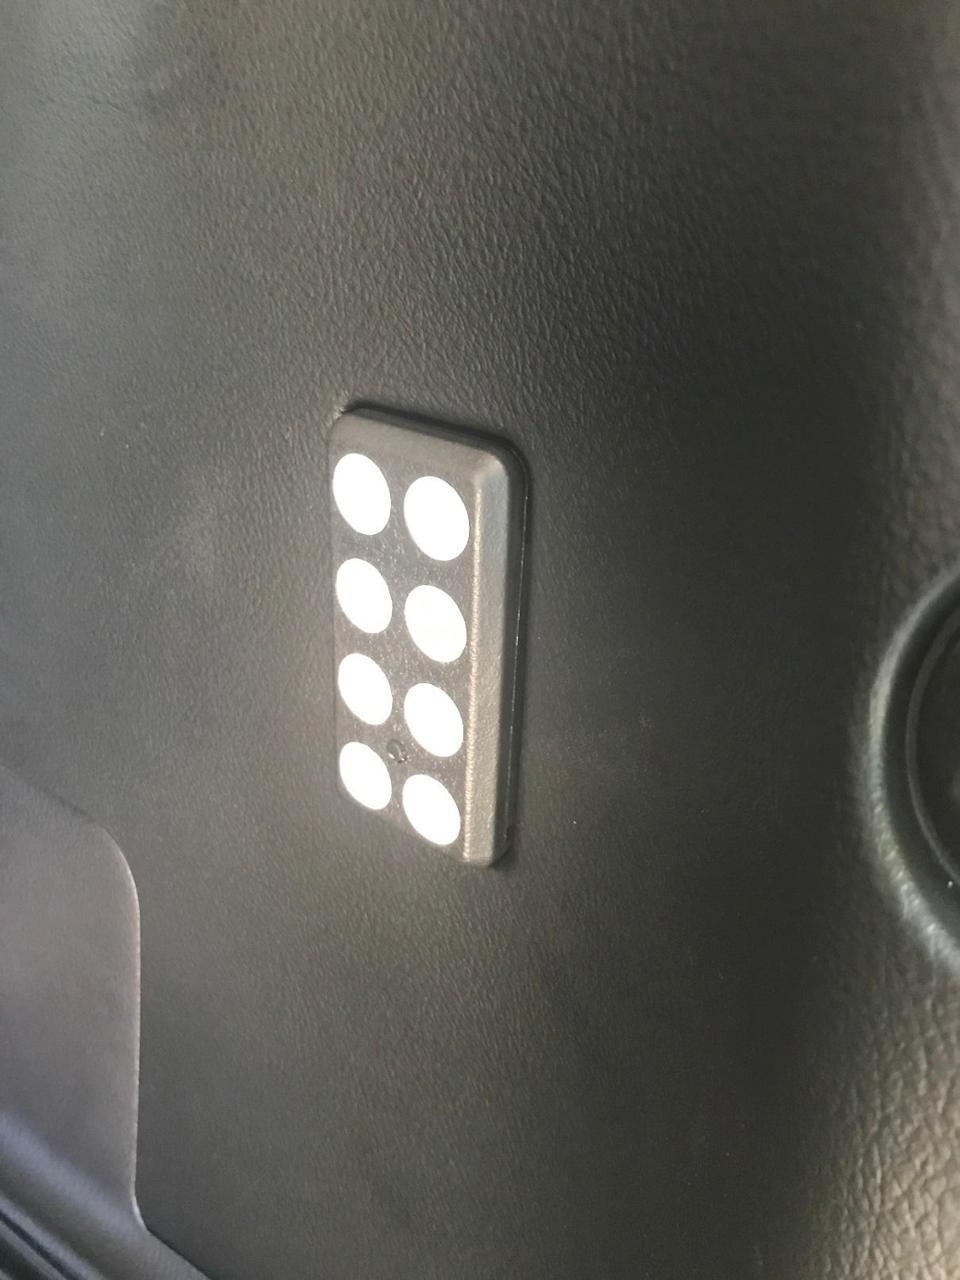 トヨタ部品大阪共販(TZ) LED LUGGAGE LAMP (LEDラゲッジランプ)